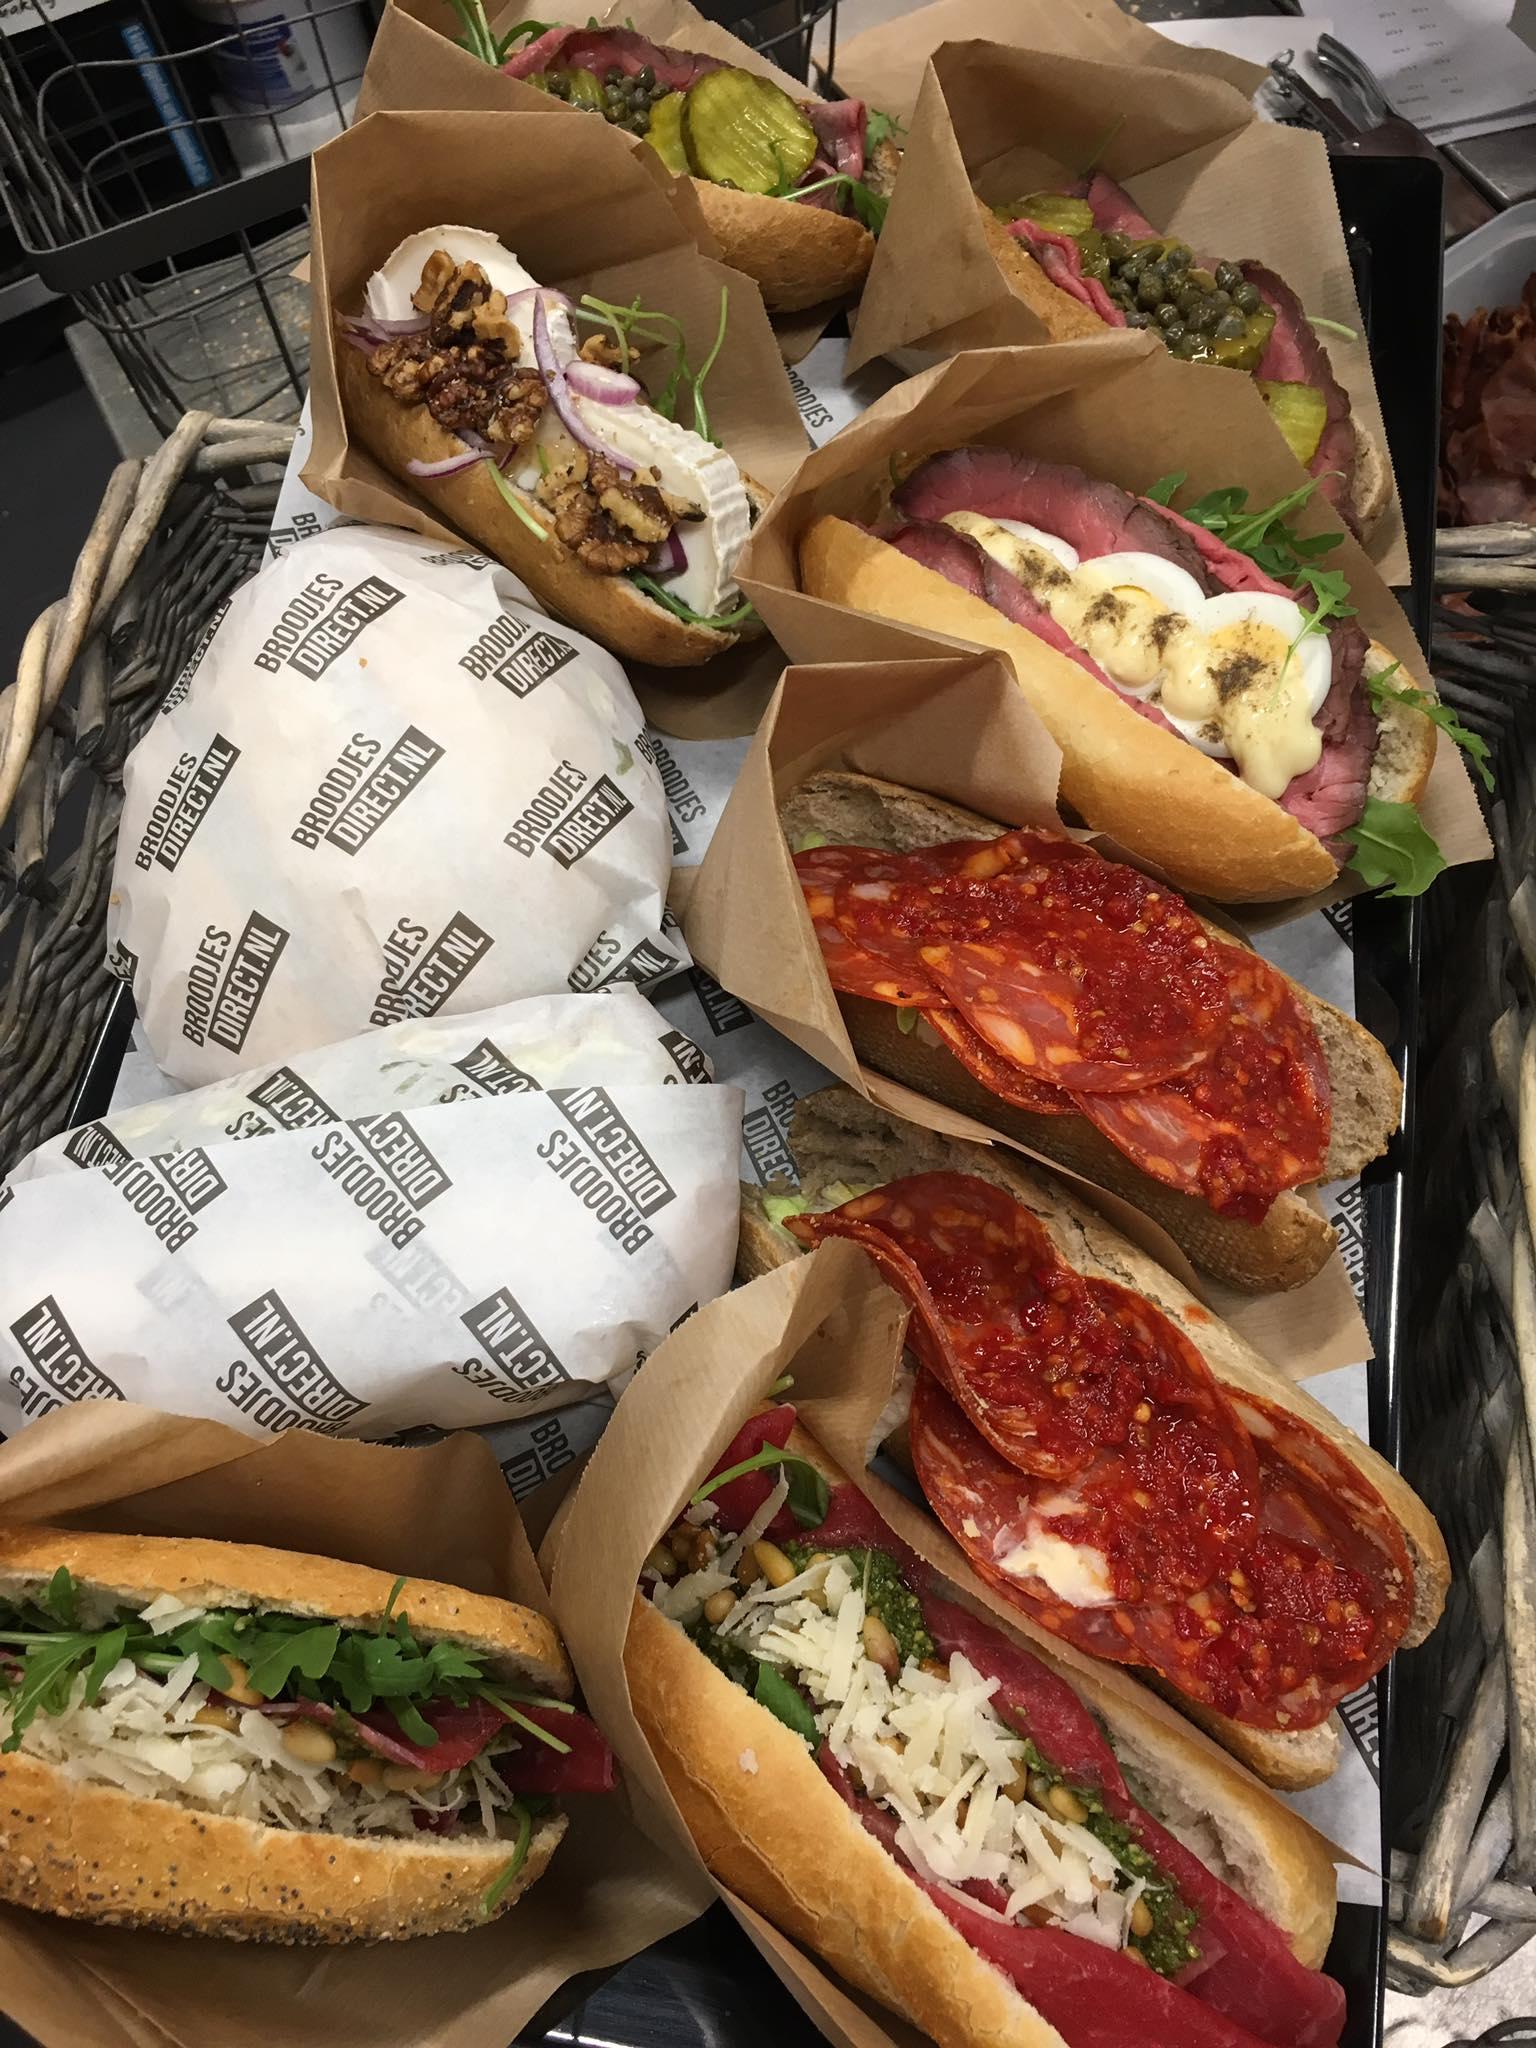 hamburgerpapier voor verpakken broodjes